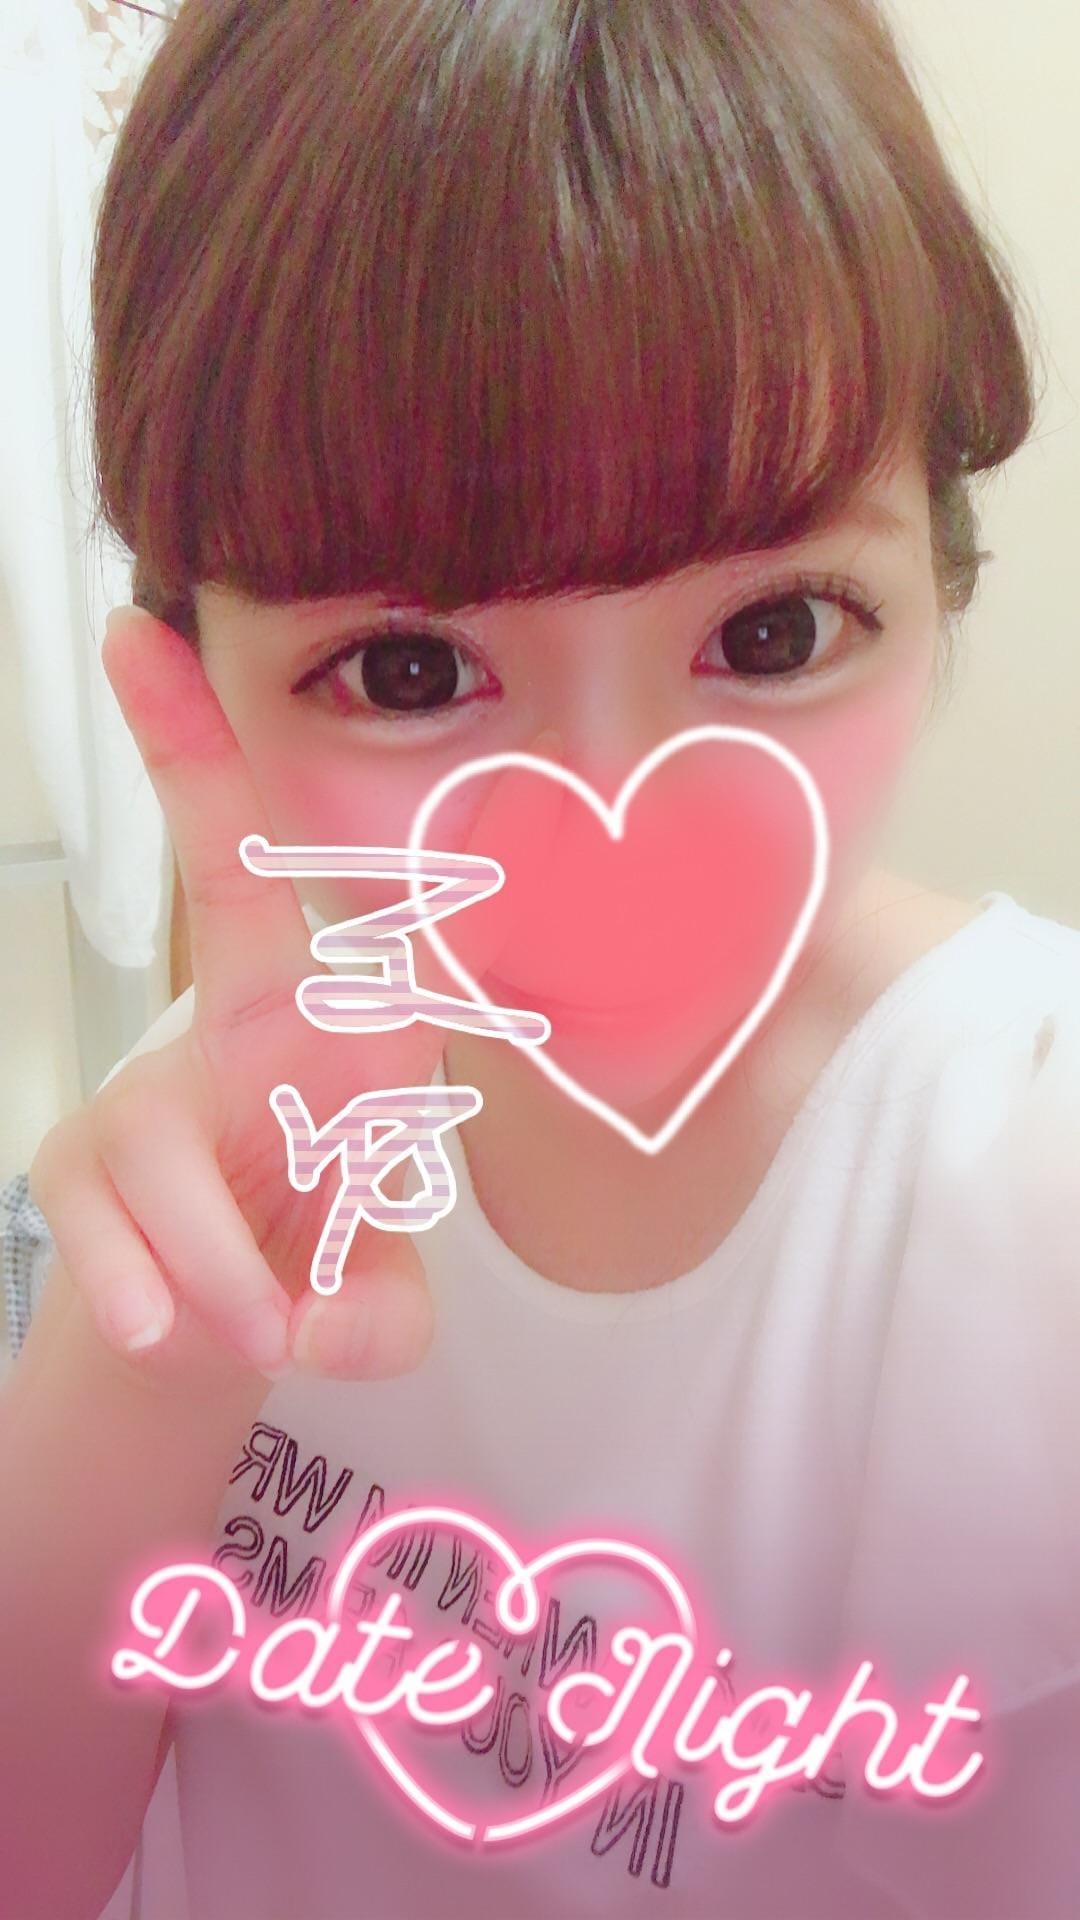 「あめ♡」12/07(金) 20:29 | いおり☆激かわの写メ・風俗動画